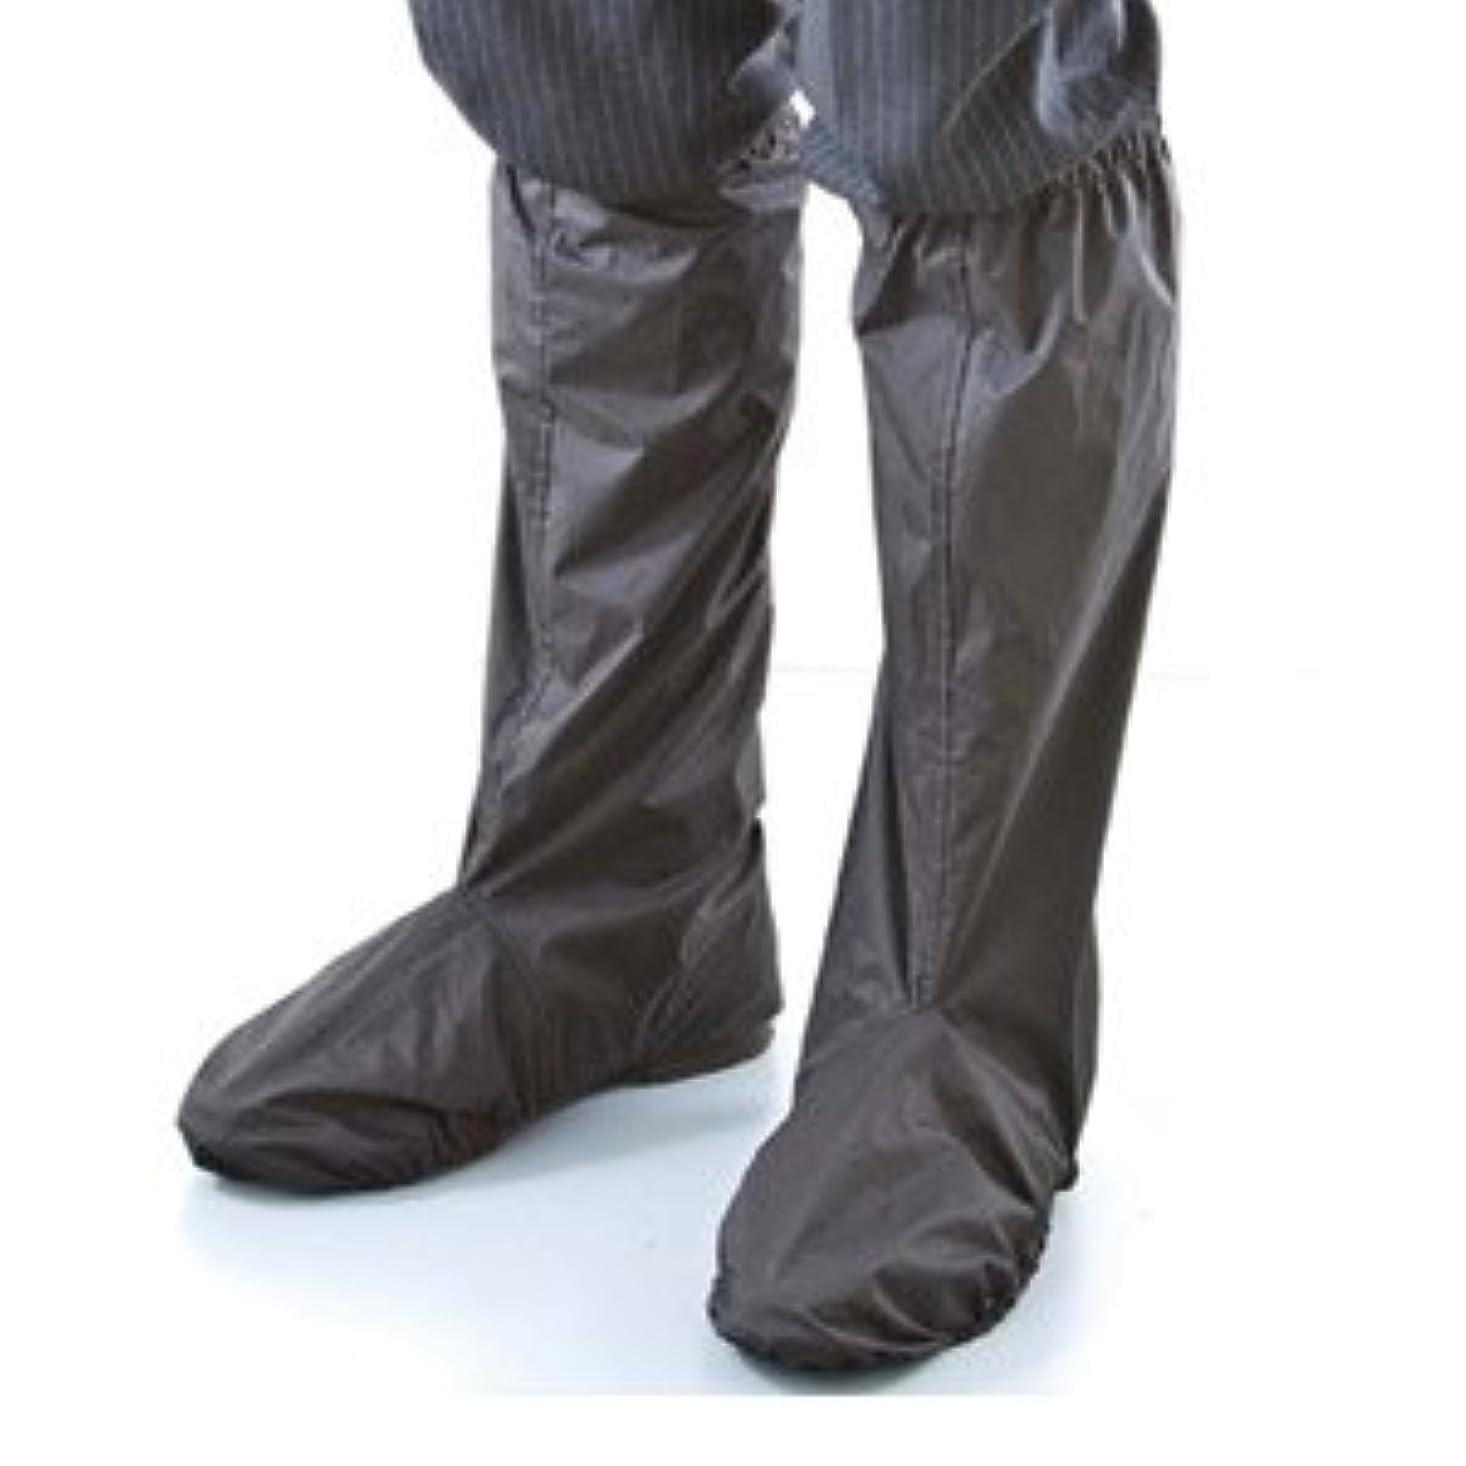 名声香ばしいなるシューズレインカバー FIN-307 ブラック 突然の大雨、足もとのズブ濡れ防止に!